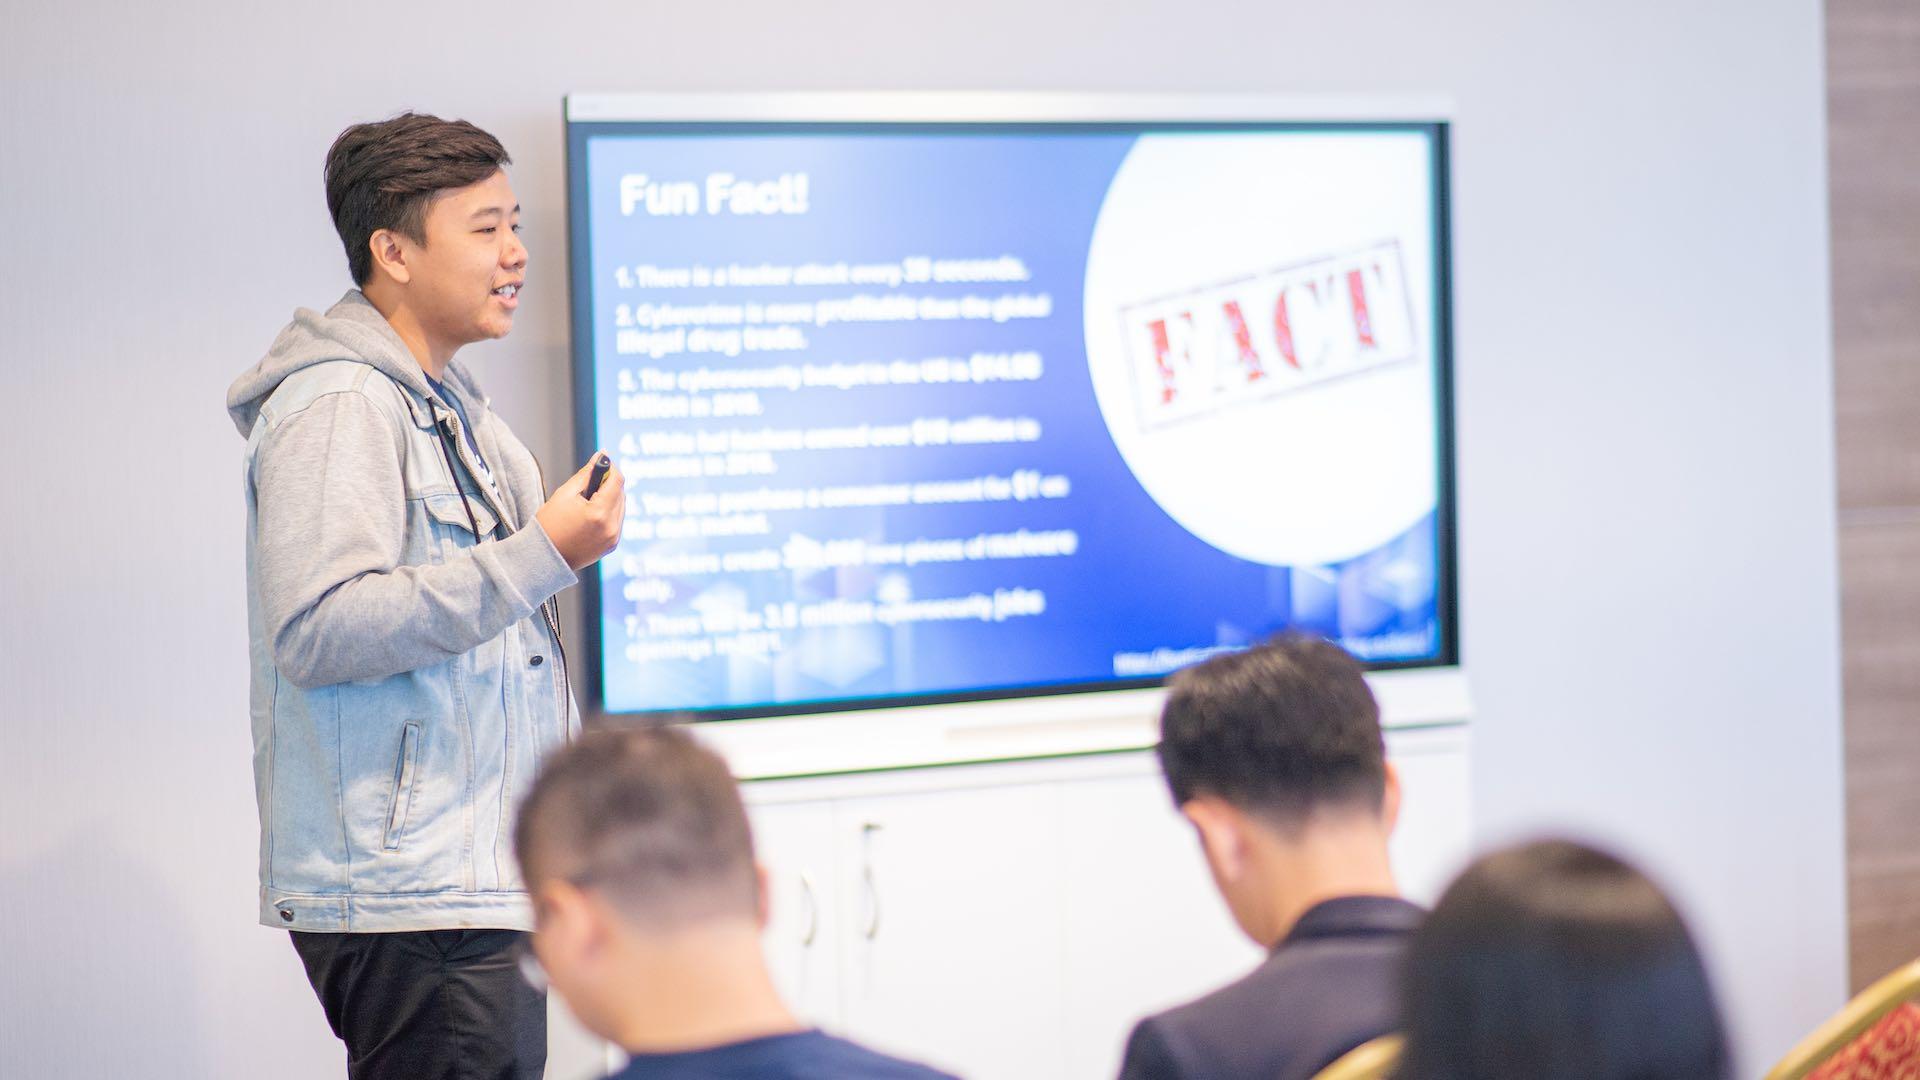 ethical hacking - Digitalk 2 - Anabatic Digital Raya Adakan Seminar Teknologi DigiTalk Bertemakan Keamanan Siber dan Ethical Hacking